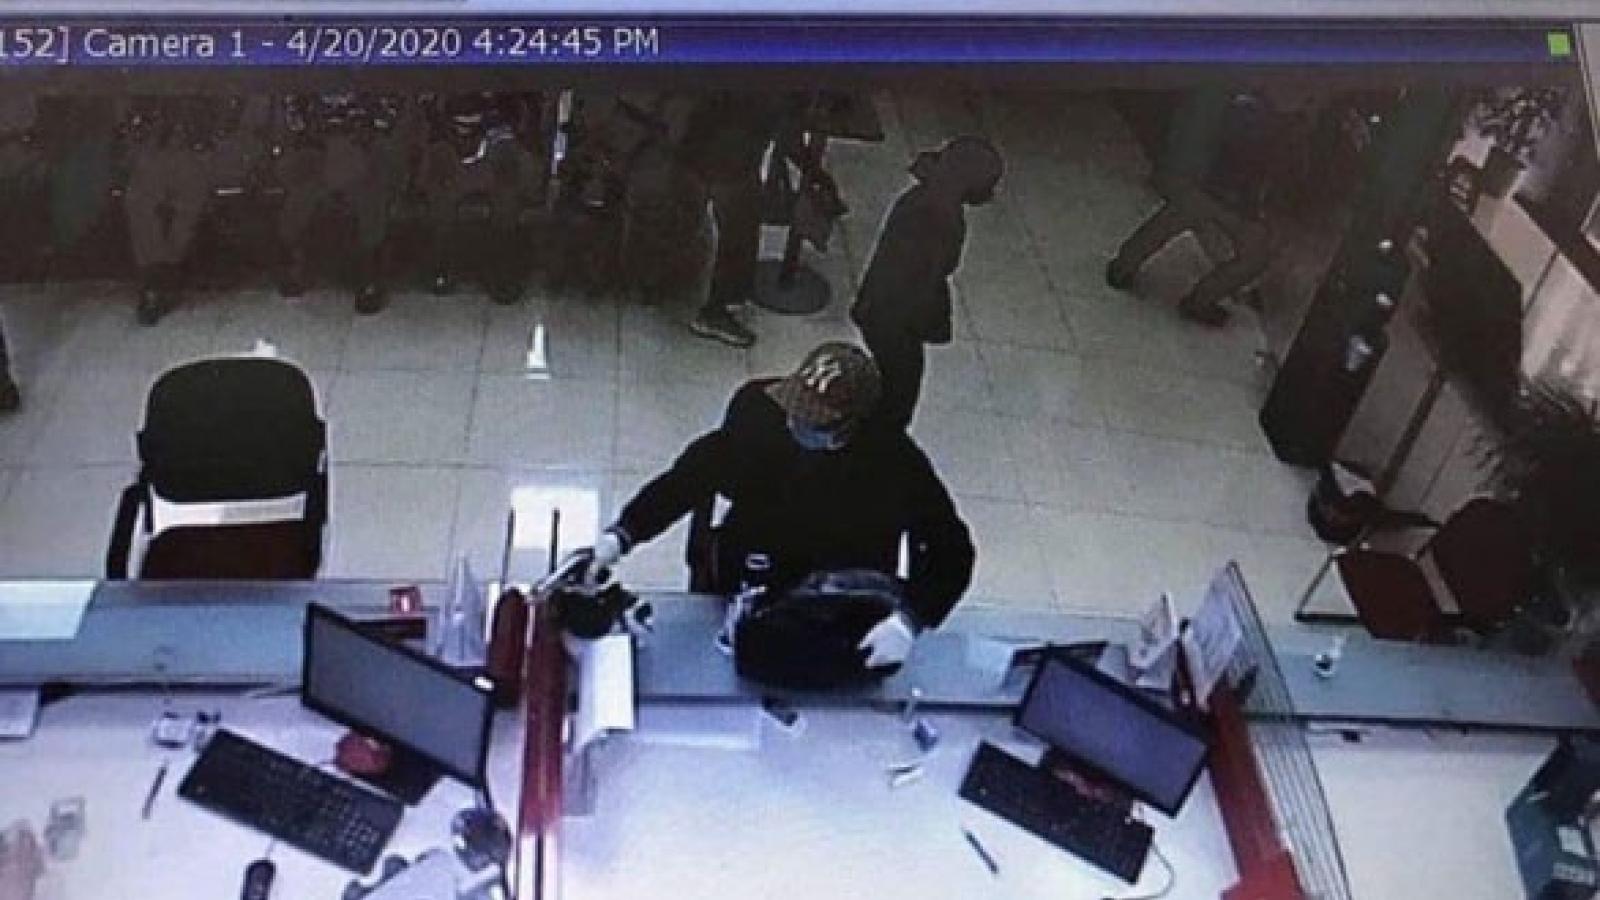 Khẩn trương điều tra vụ cướp ngân hàng tại huyện Sóc Sơn (Hà Nội)